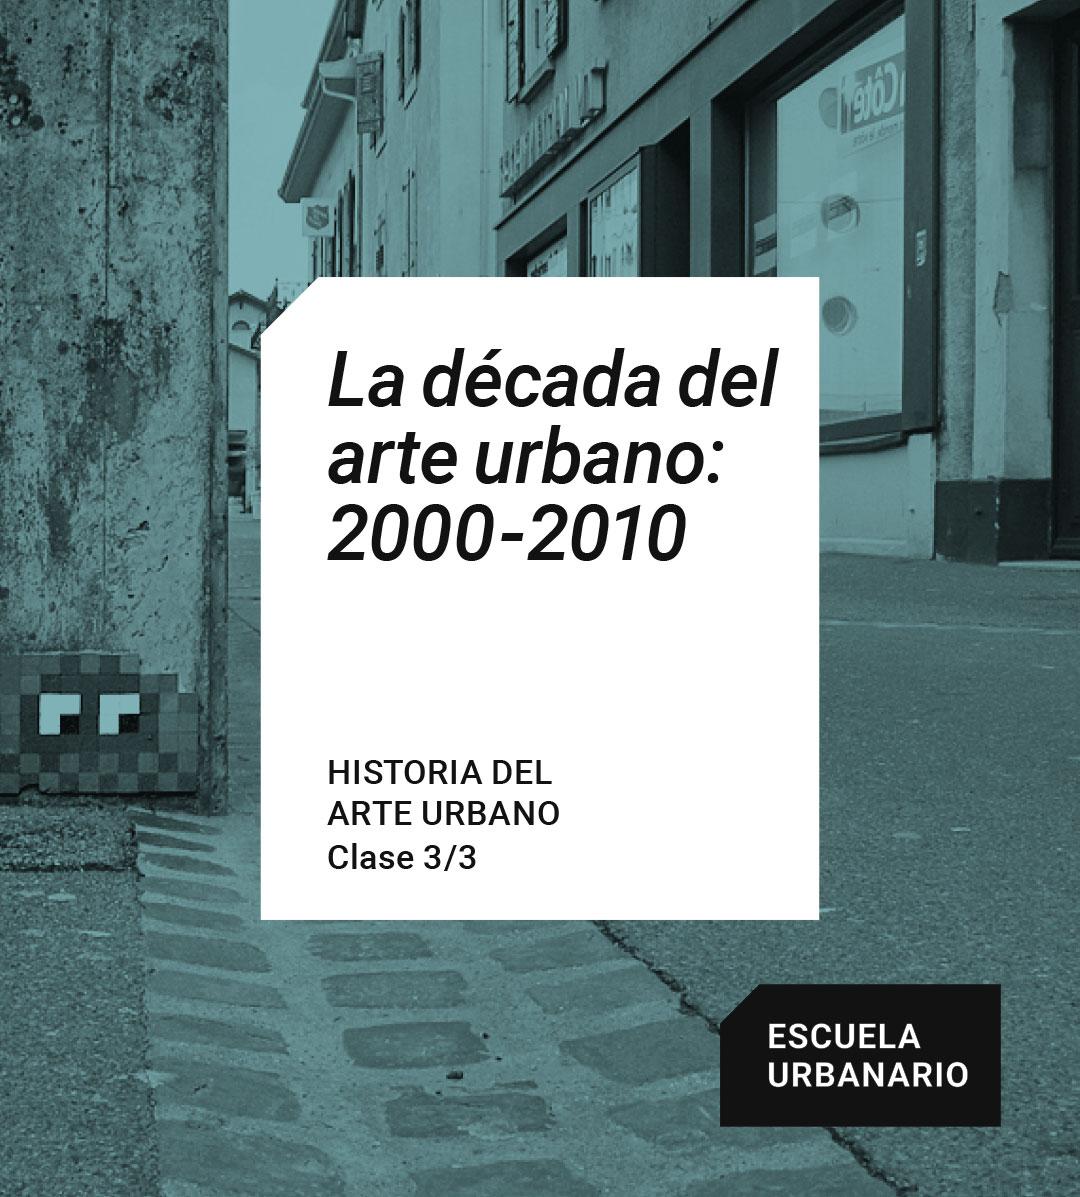 La década del arte urbano - Escuela Urbanario